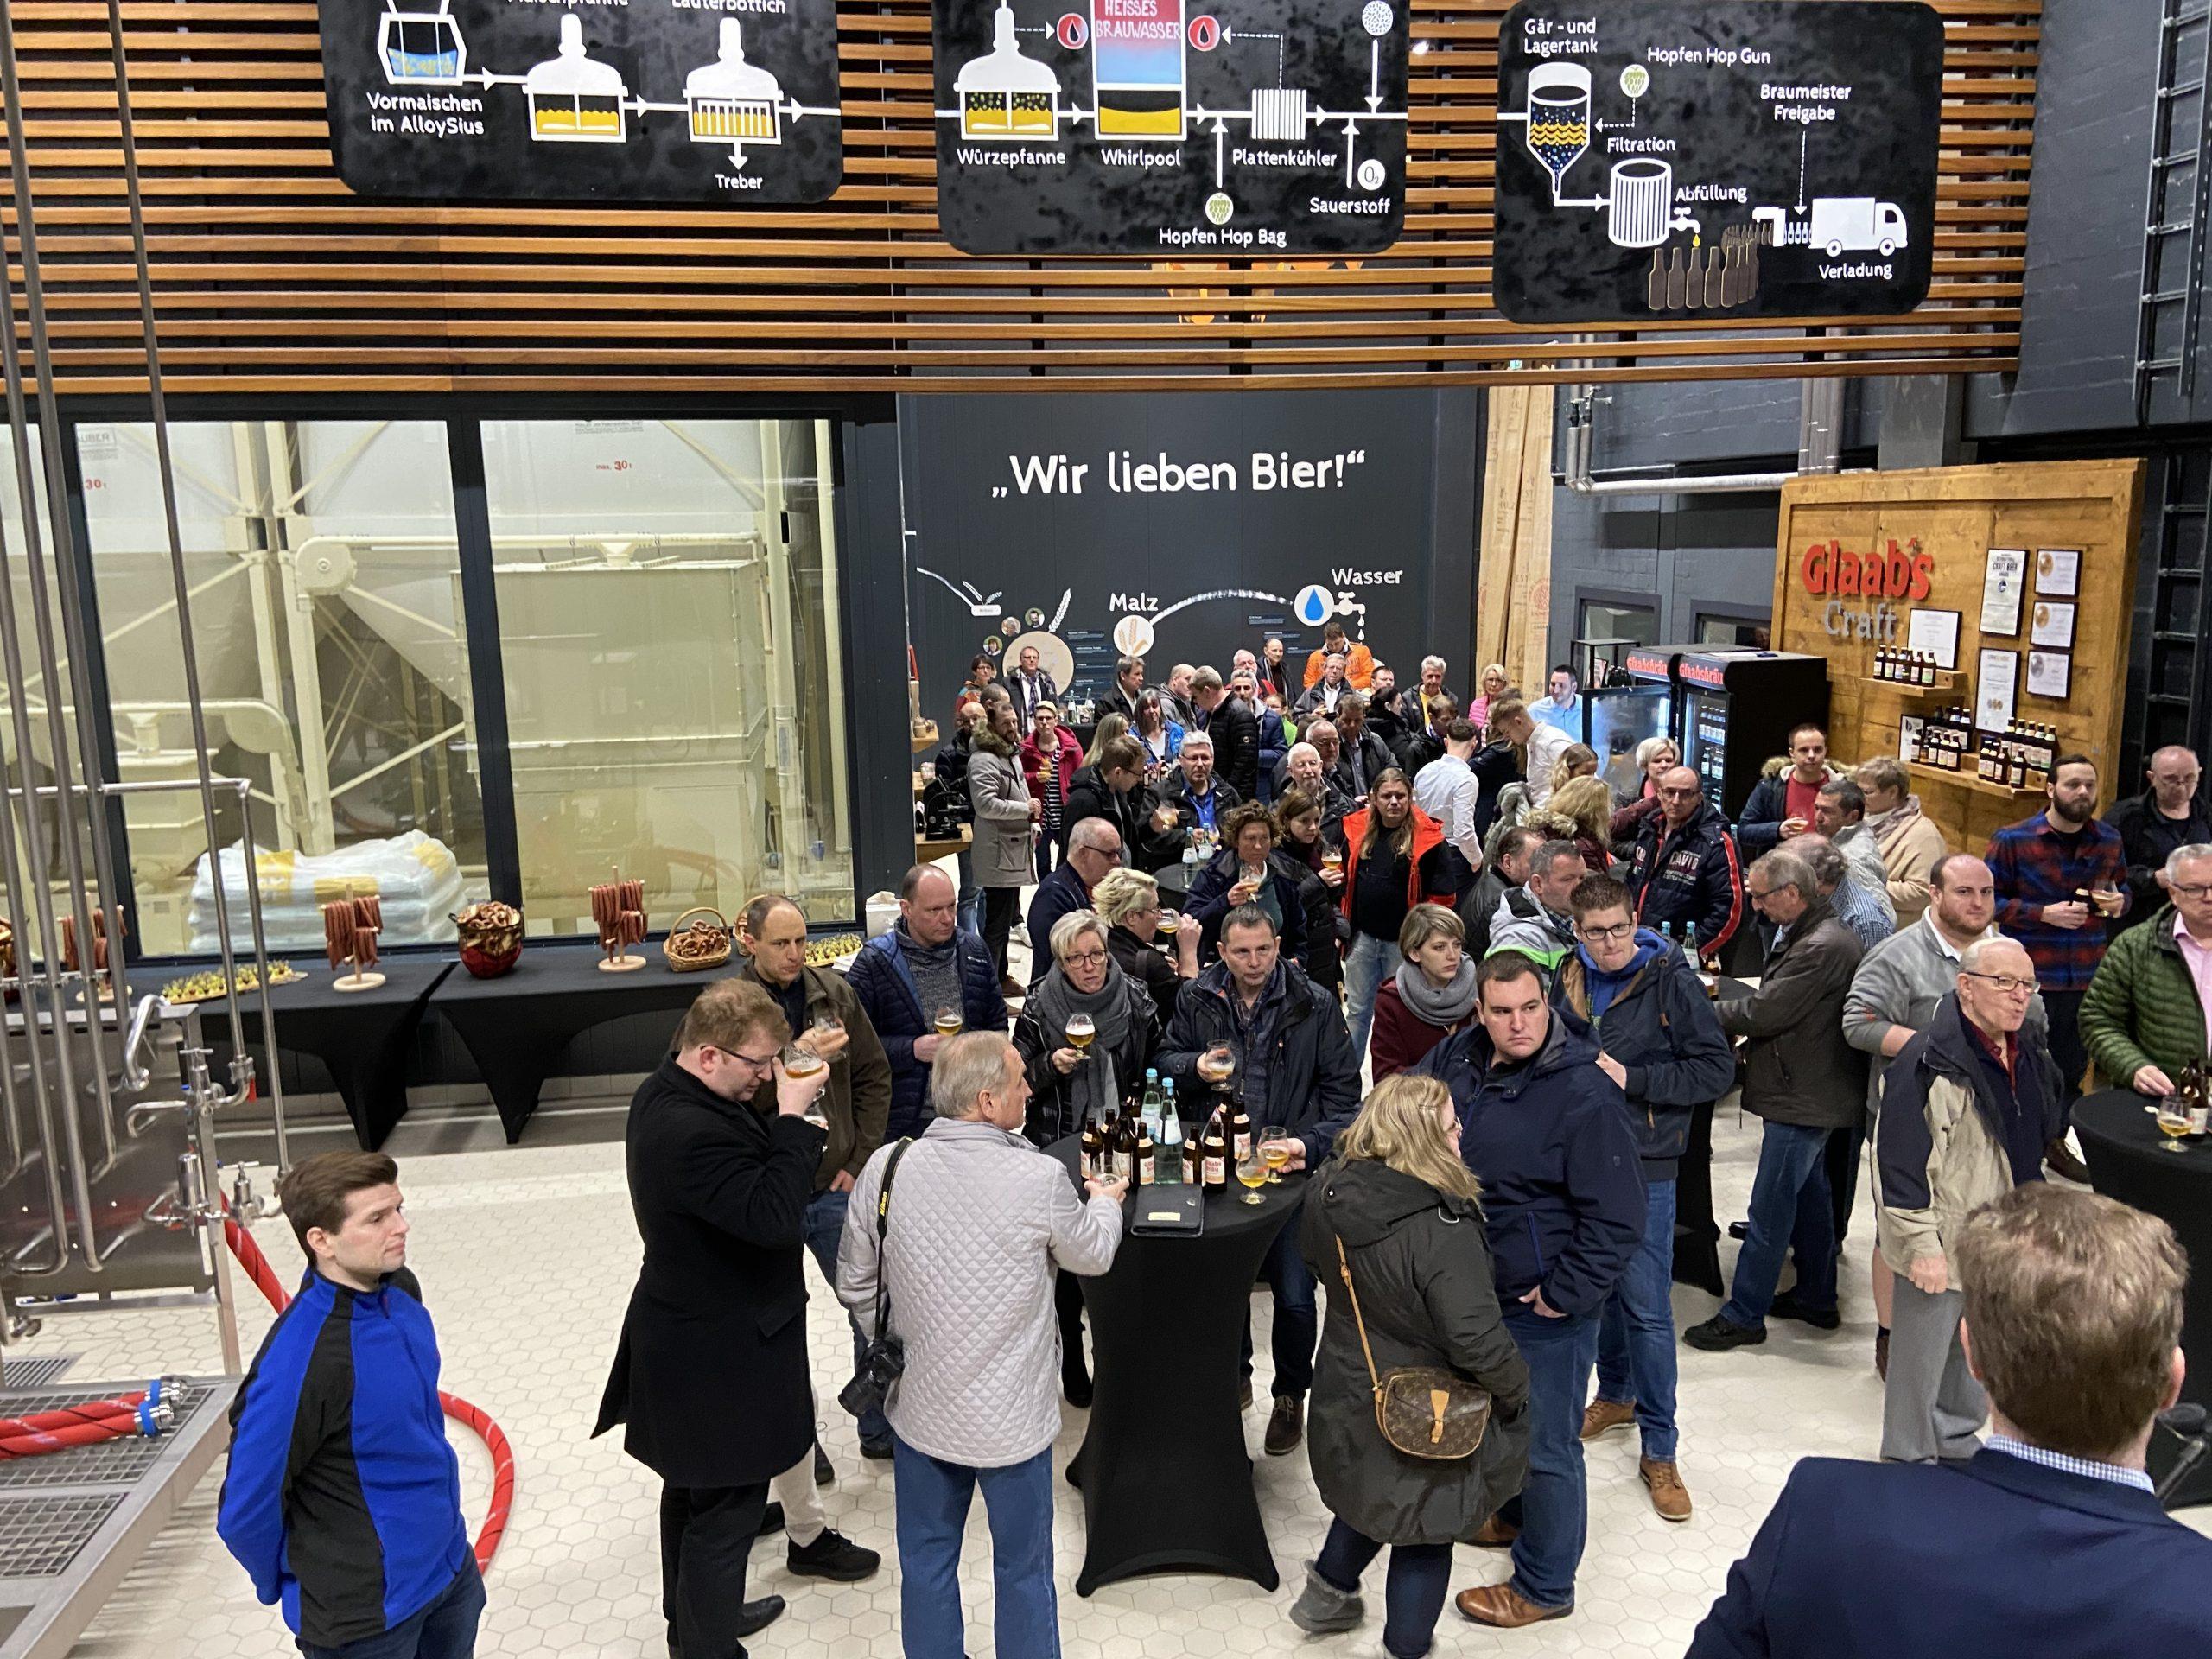 Glaabsbräu Präsentiert Bei Produkteinführung Neue Alkoholfreie Biere